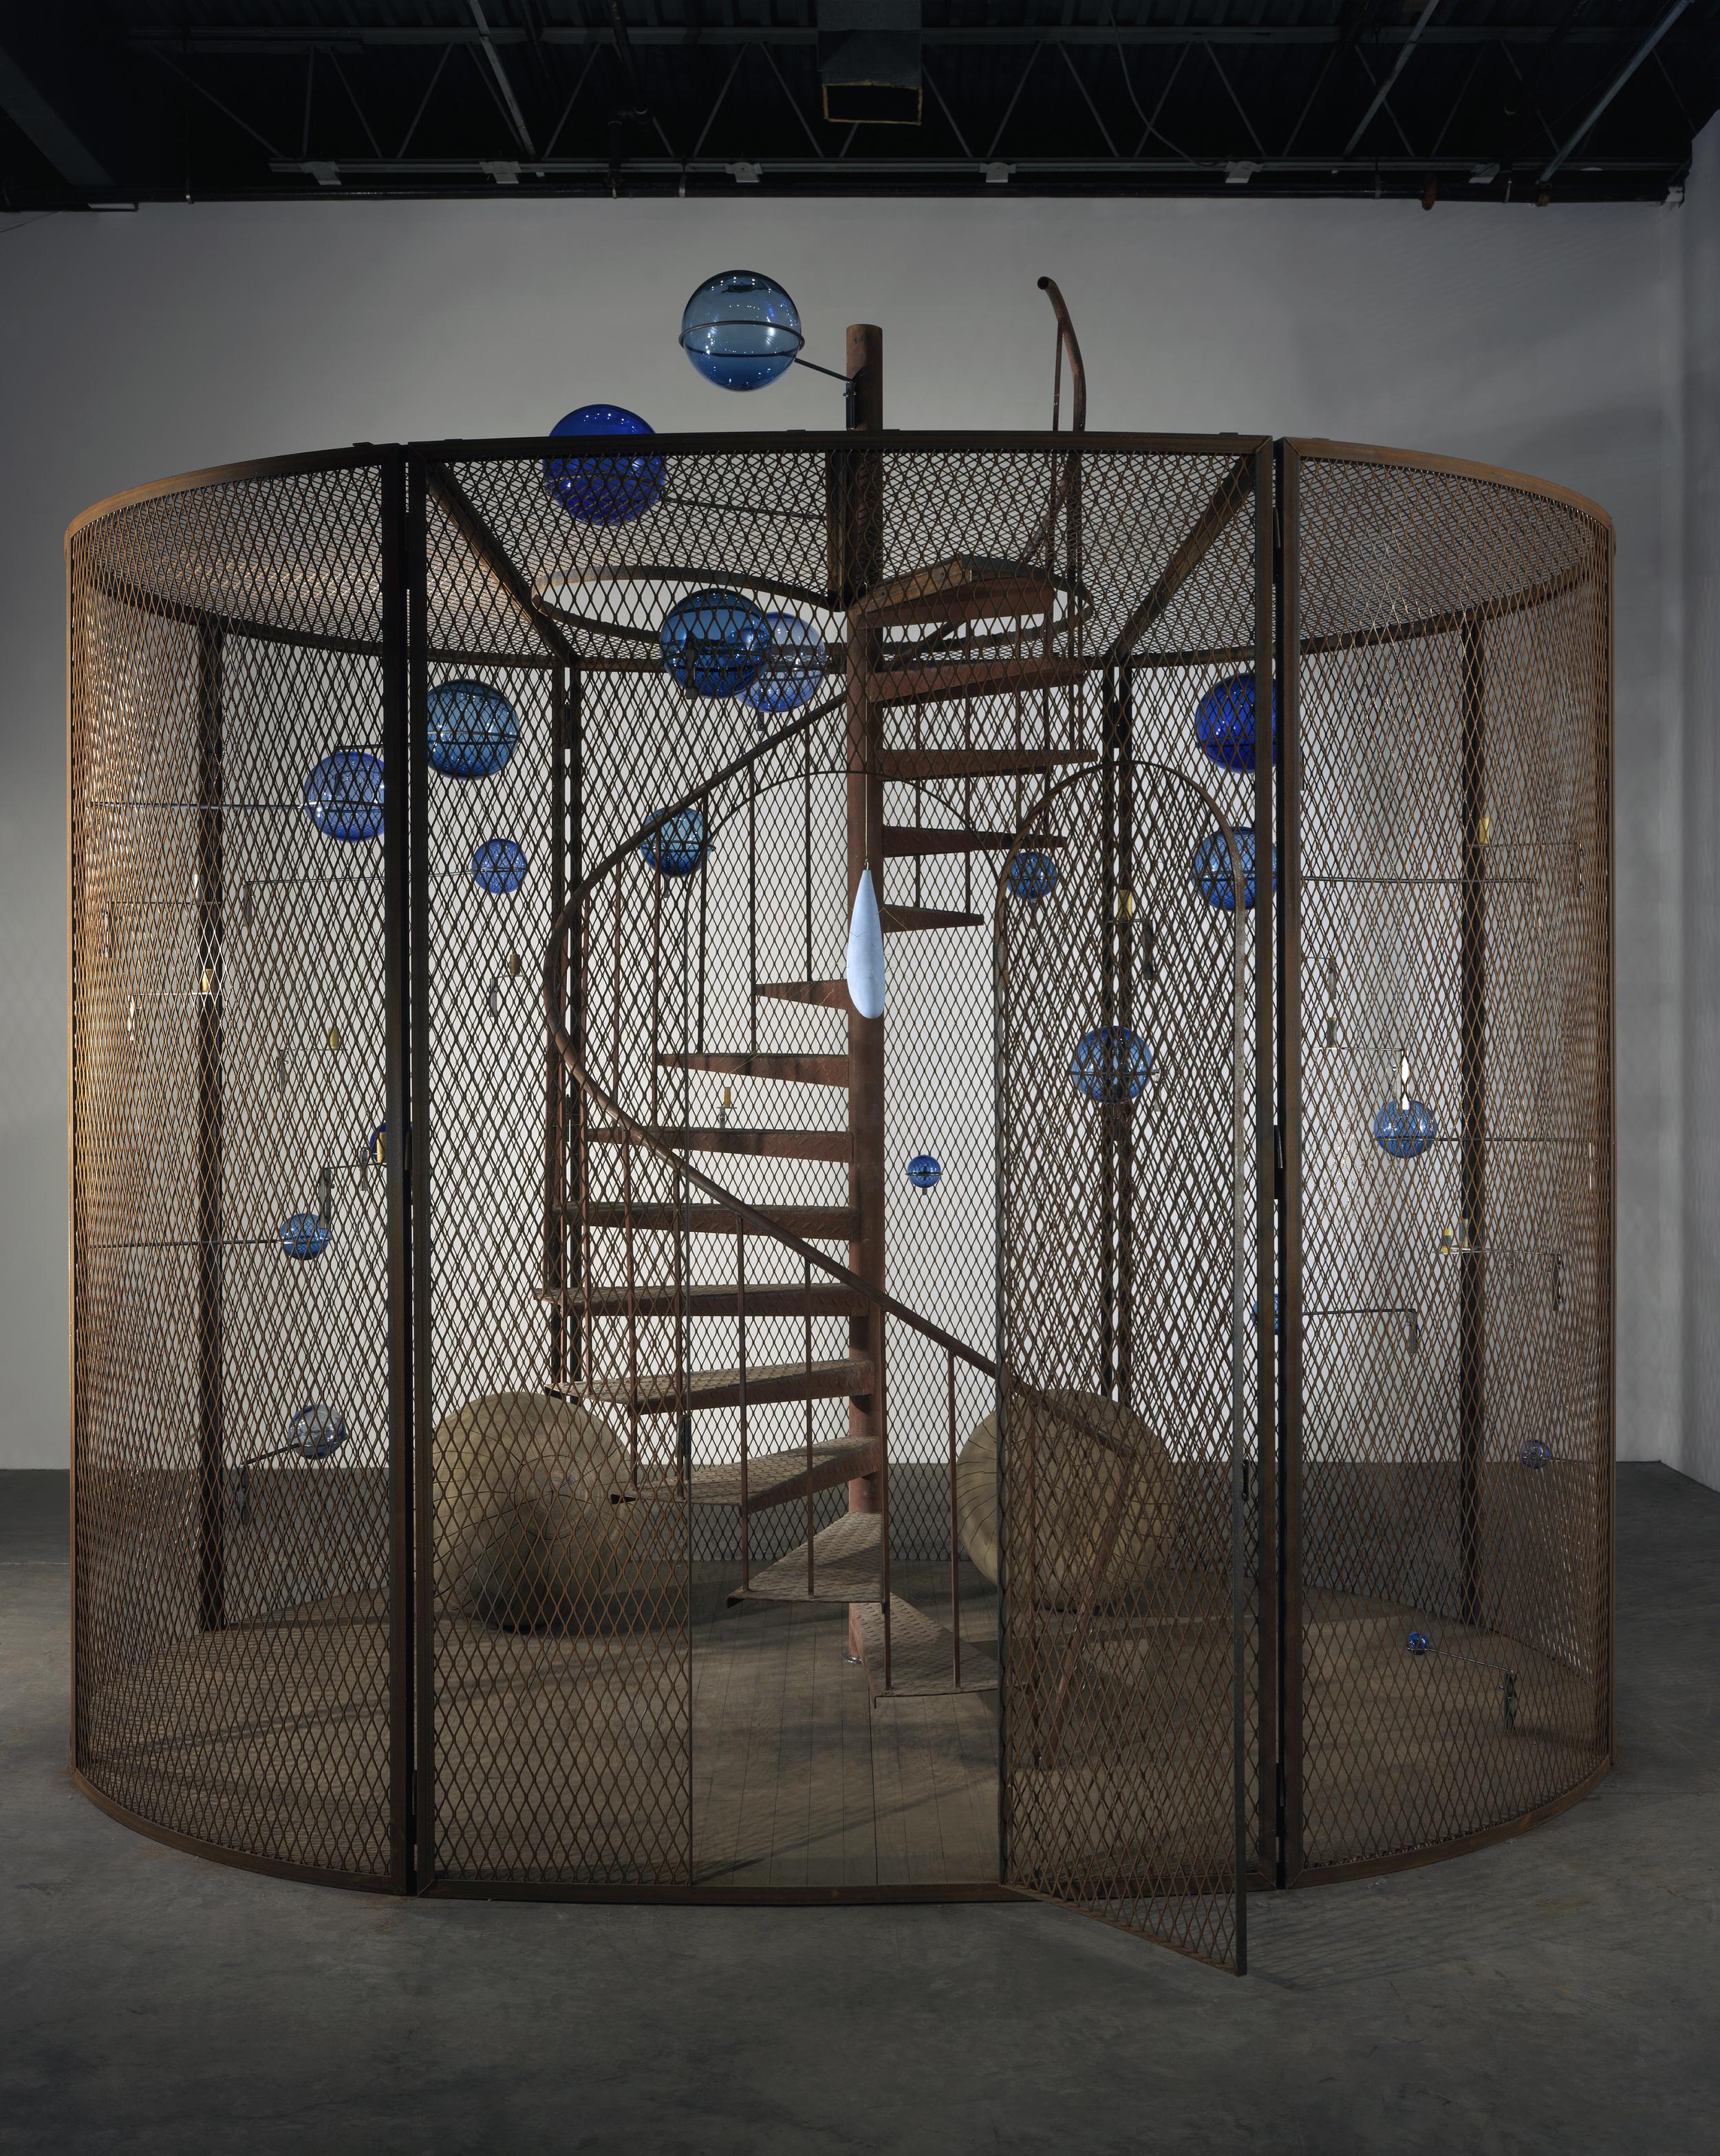 Cellule (La dernière montée) [Cell (The last climb)]  (2008)  Louise Bourgeois  Photo : Christopher Burke  © The Easton Foundation / VEGAP